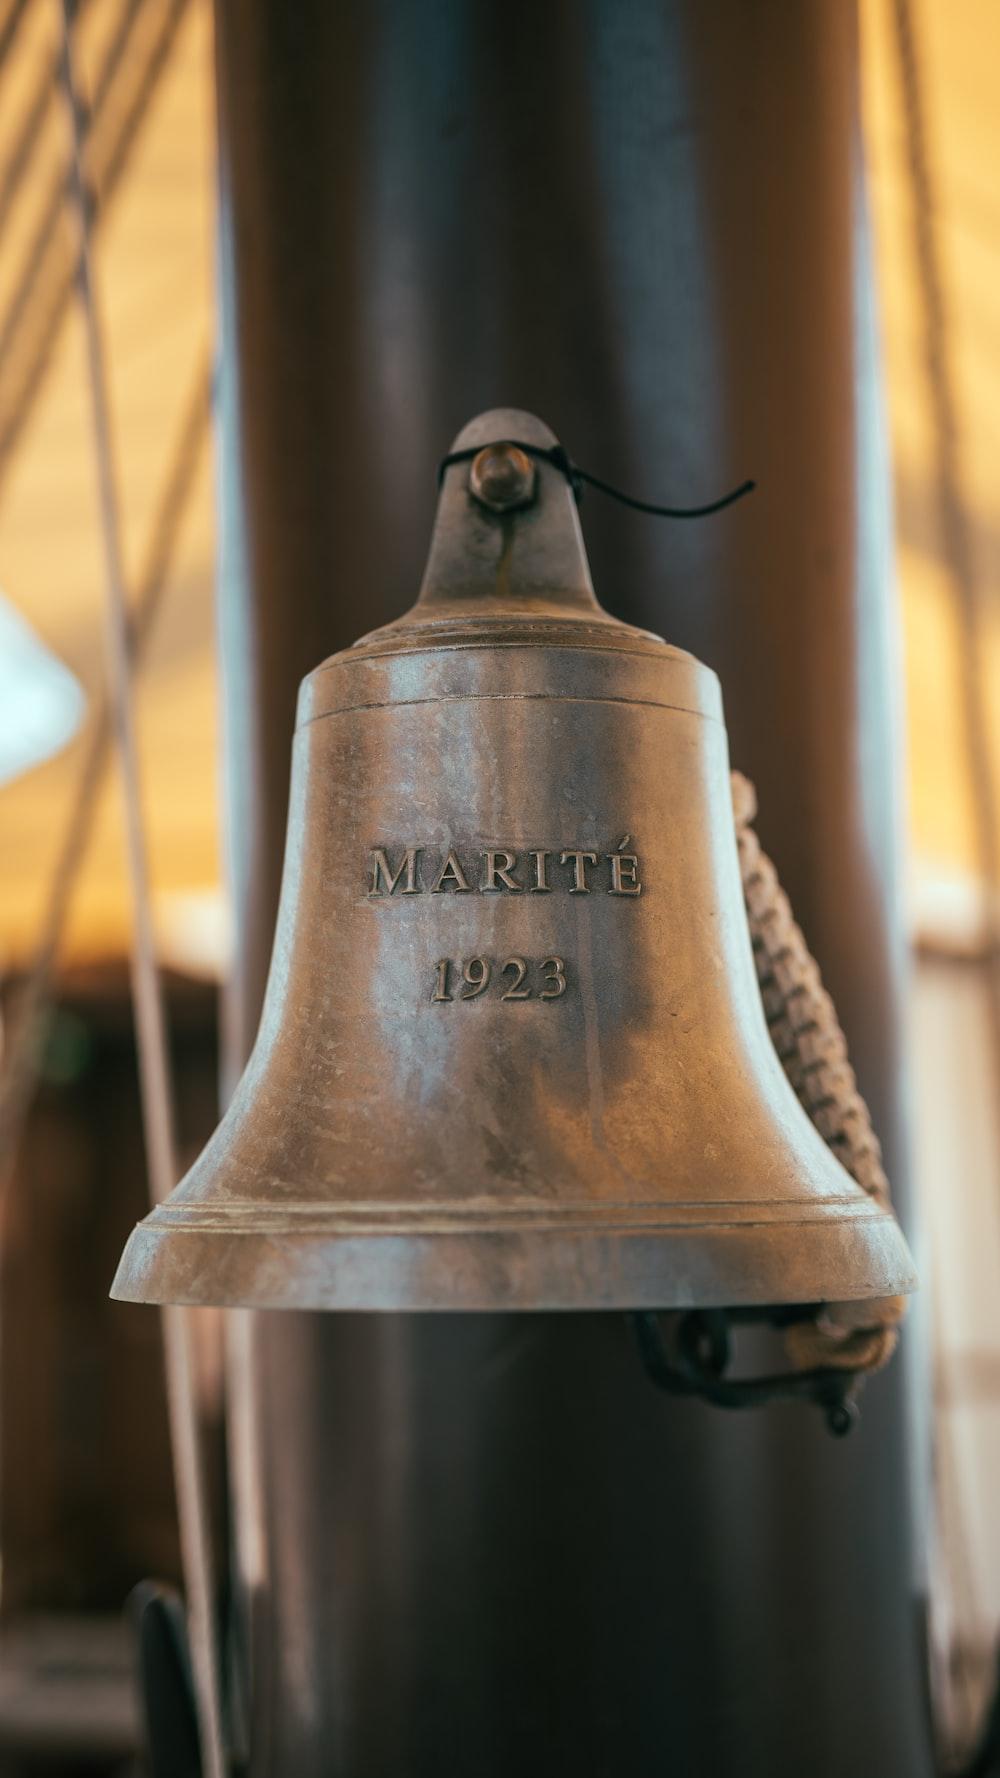 Marite 1923 bell